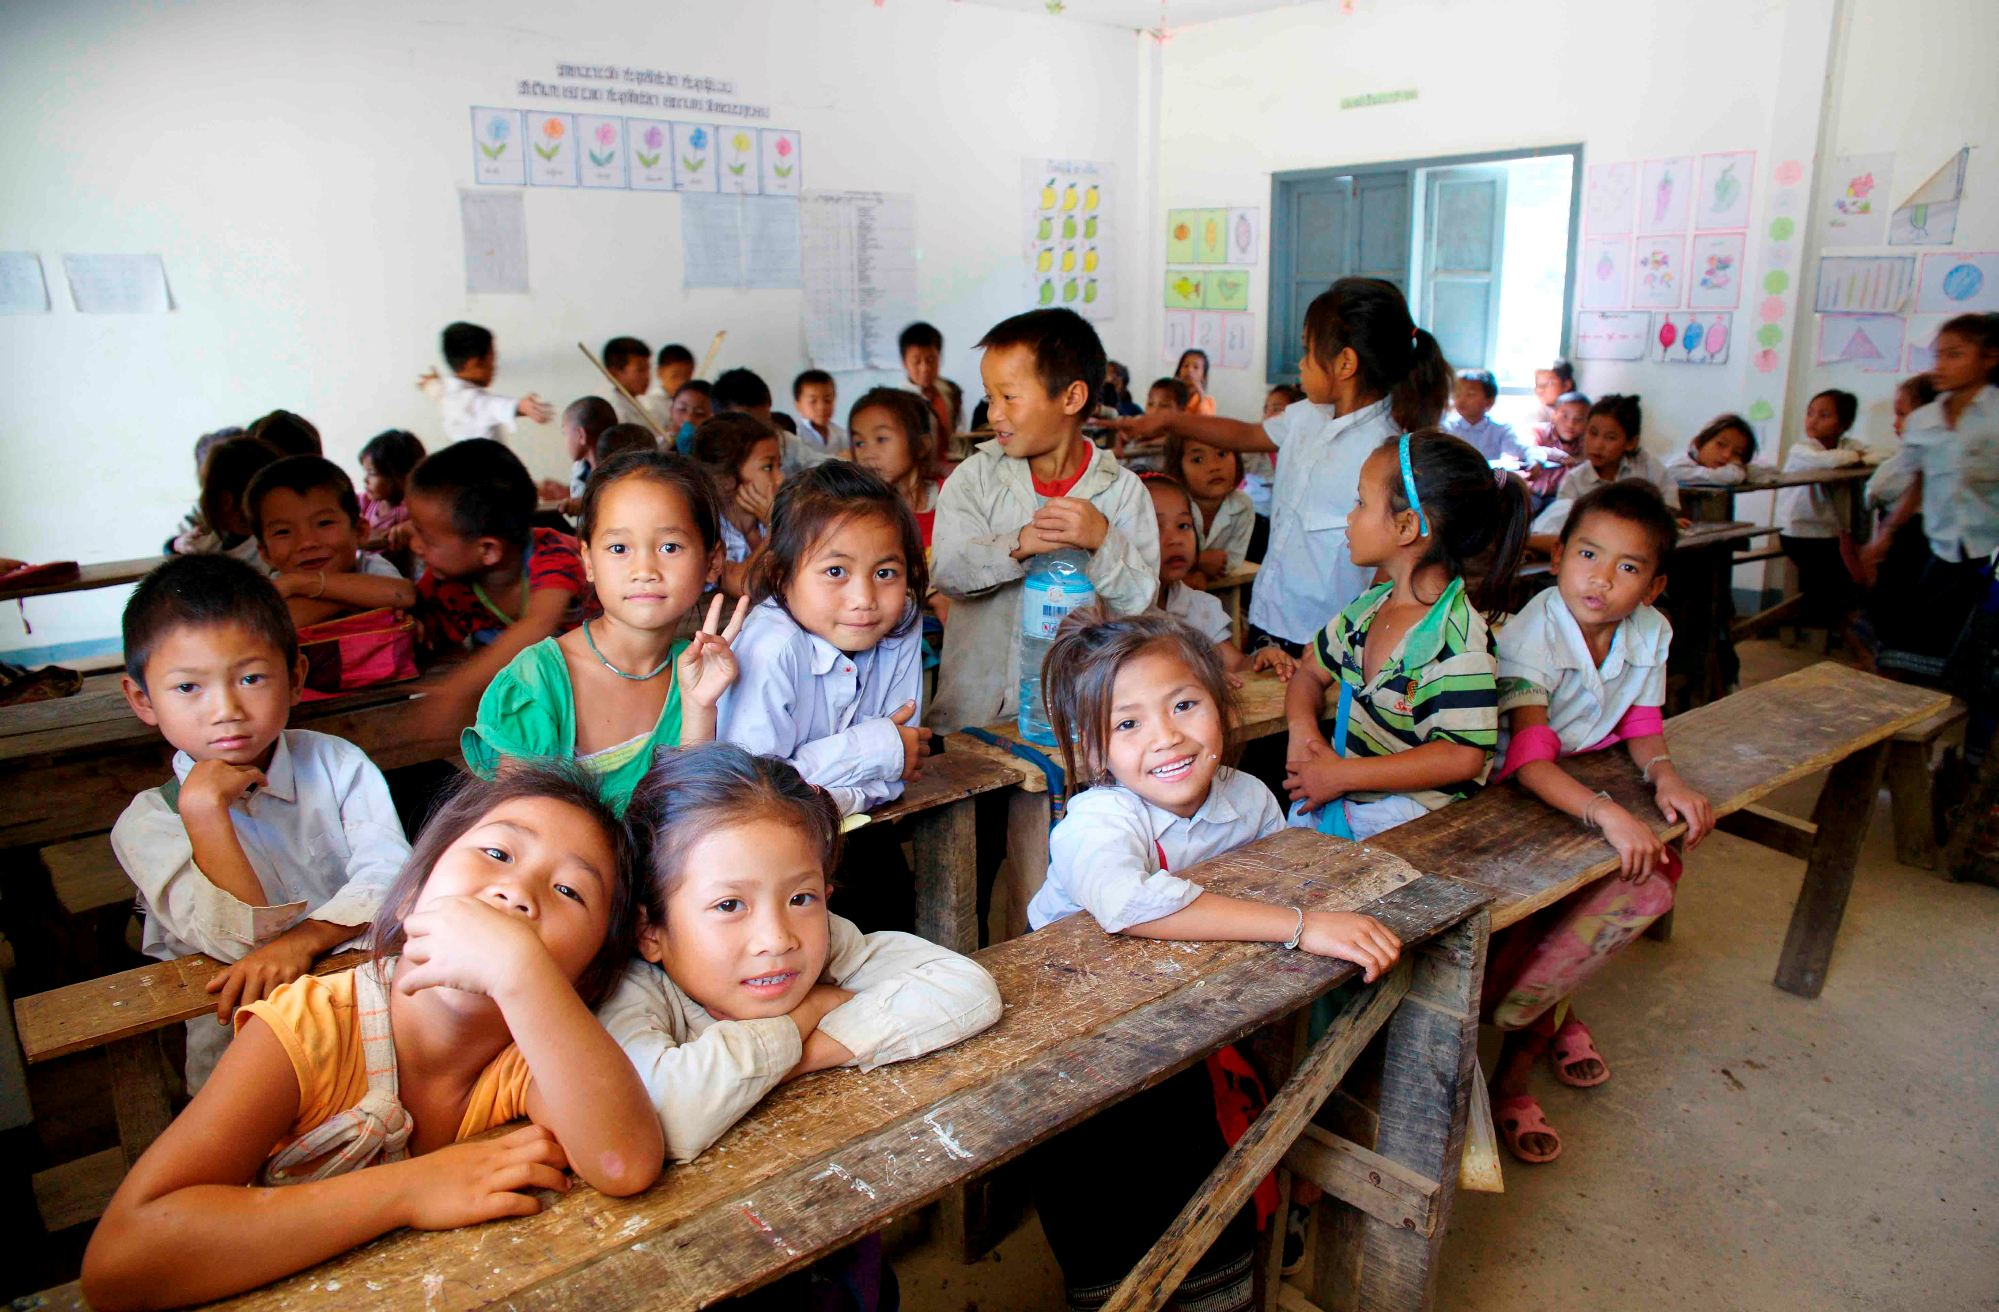 Enfants du Laos | Donations au Laos